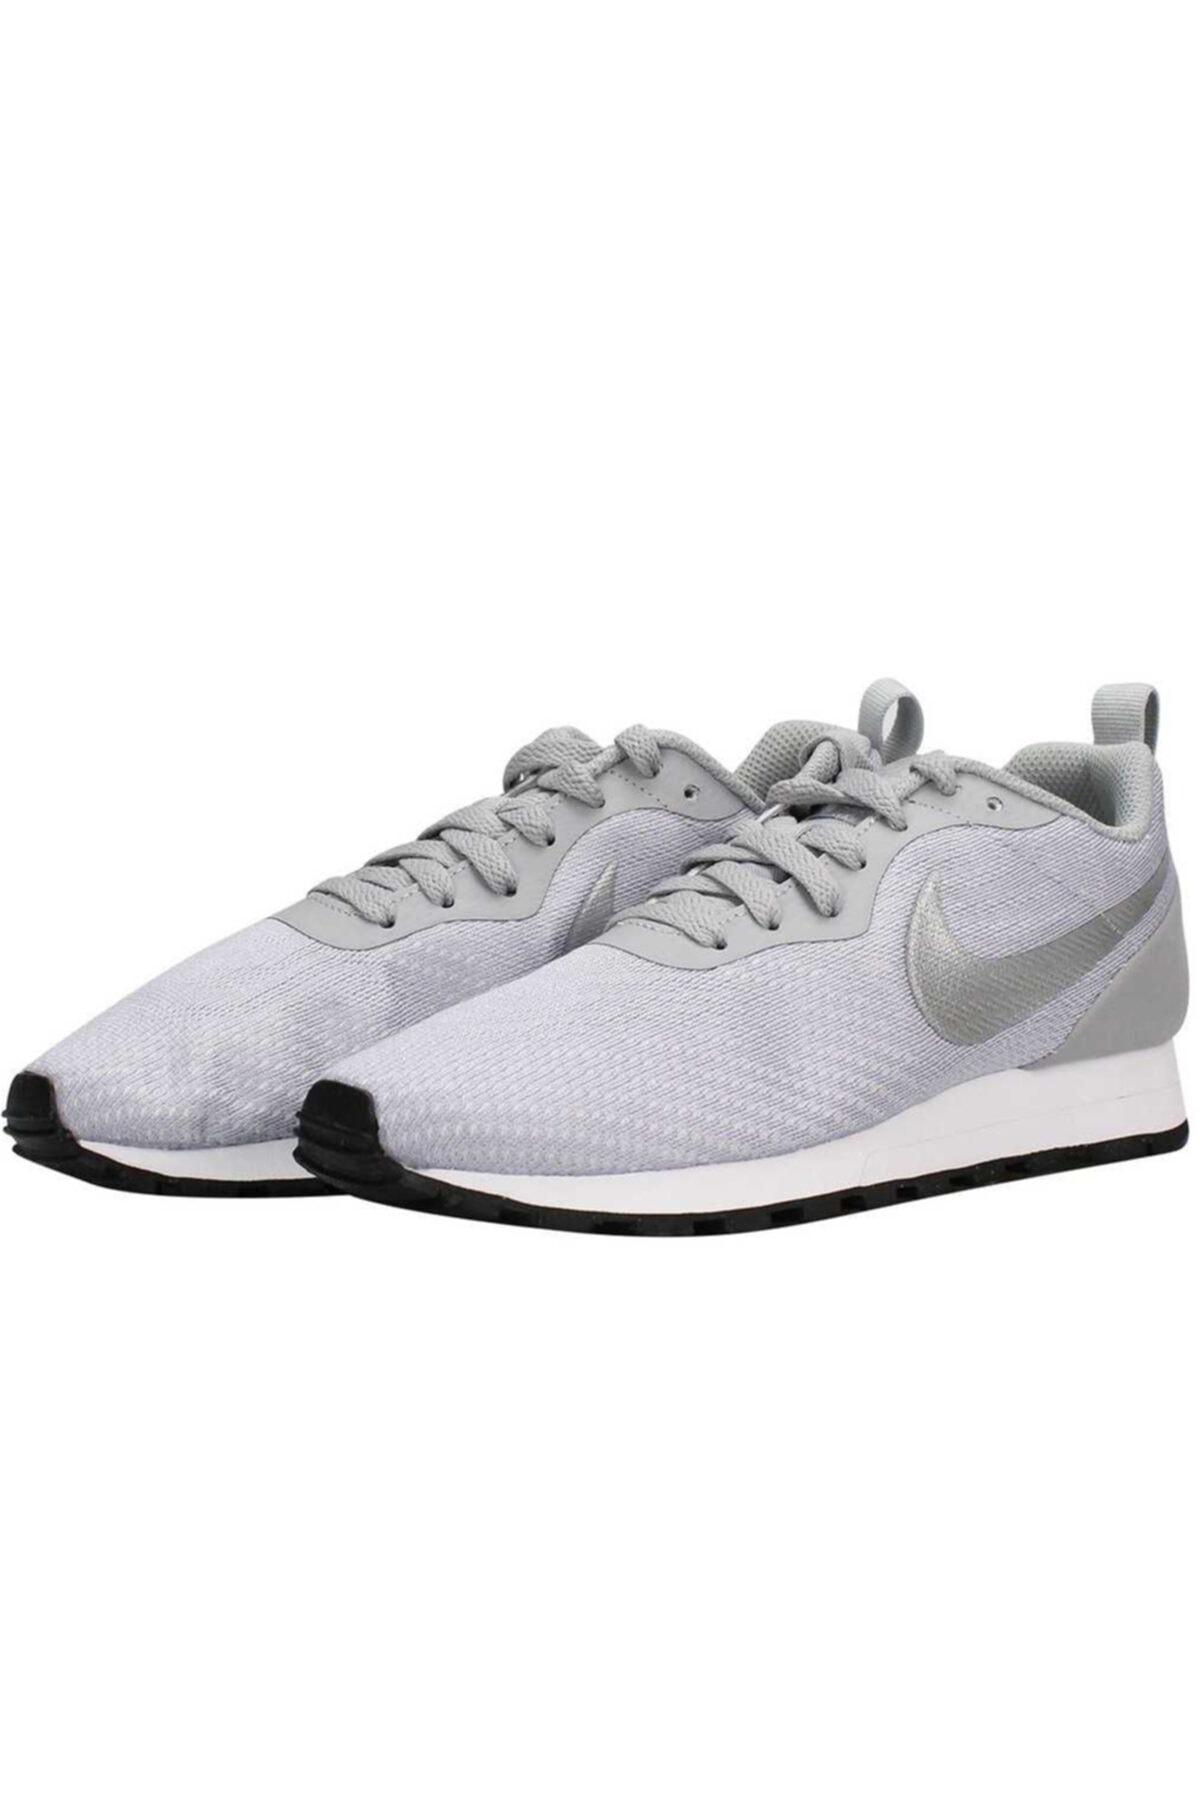 Nike Kadın Gri Md Runner 2 Eng Mesh Spor Ayakkabı 916797-008 2